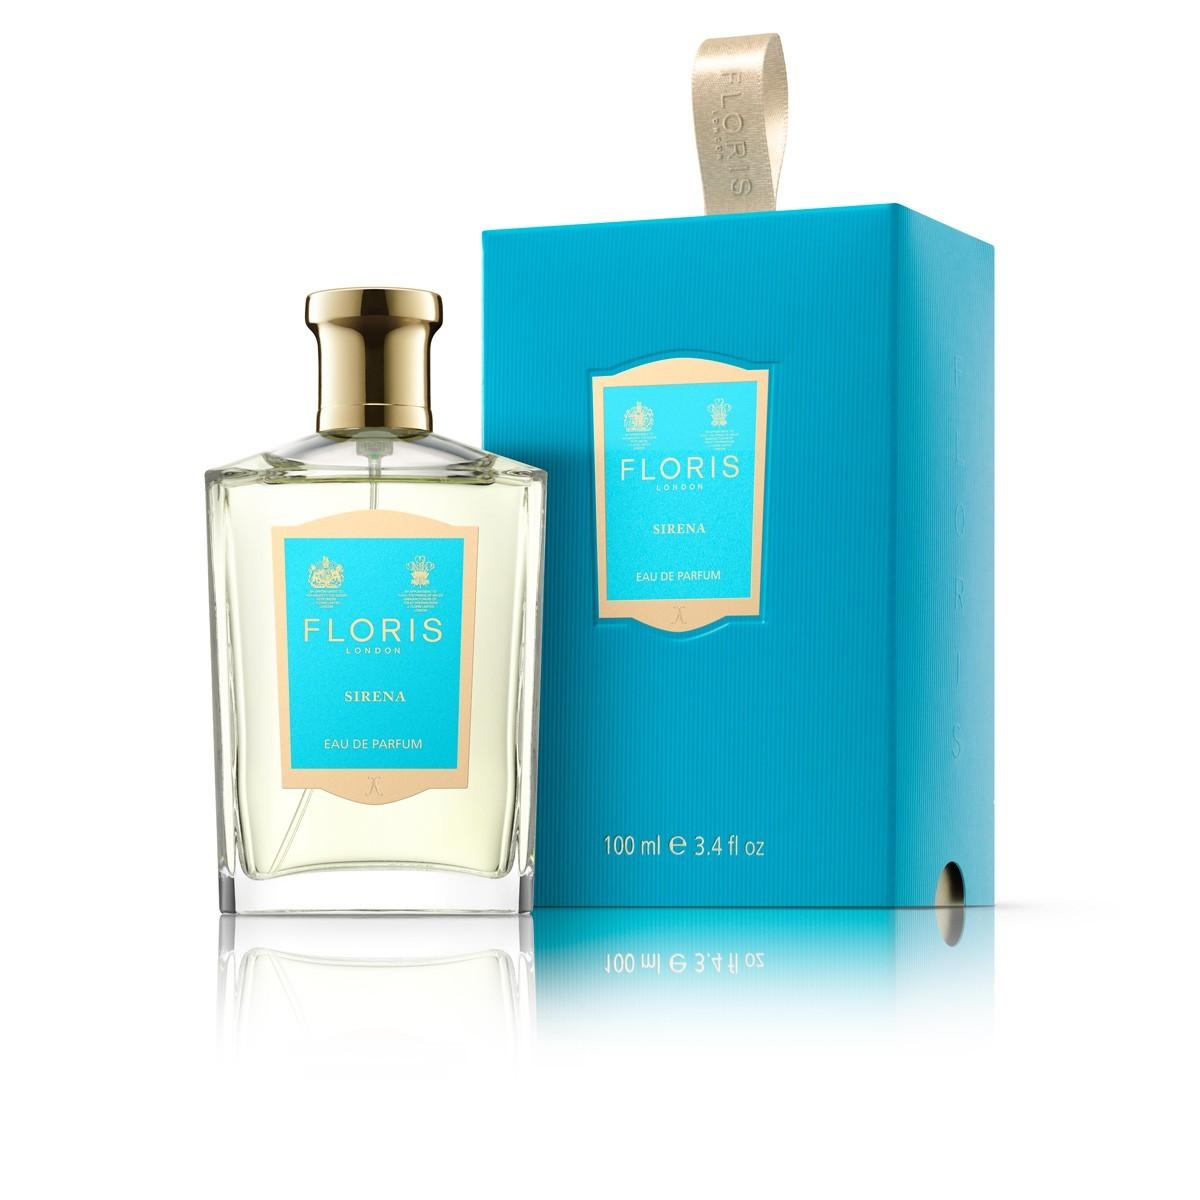 Floris Sirena Eau de Parfum 100 ml